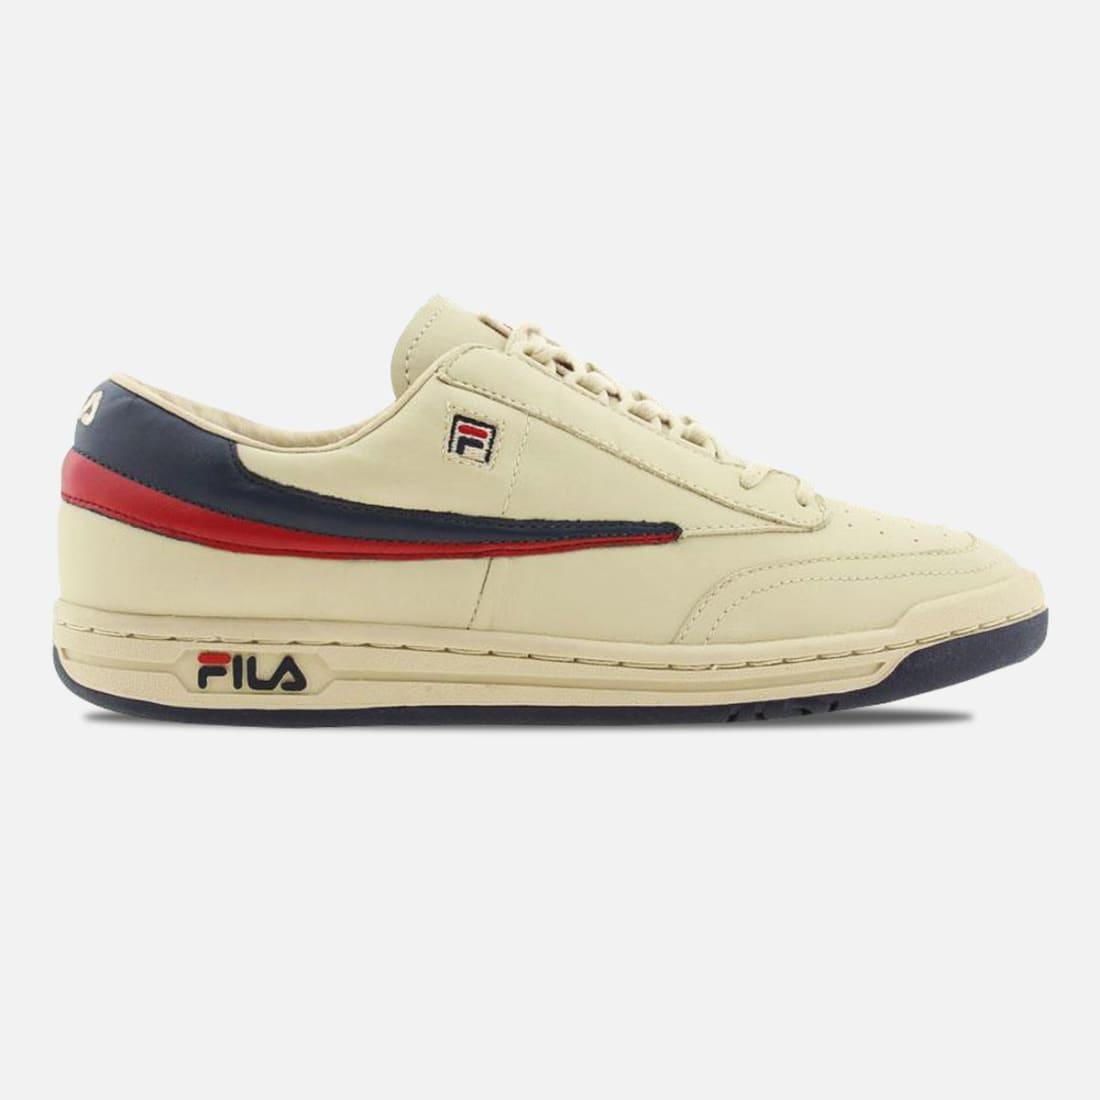 Fila Original Tennis